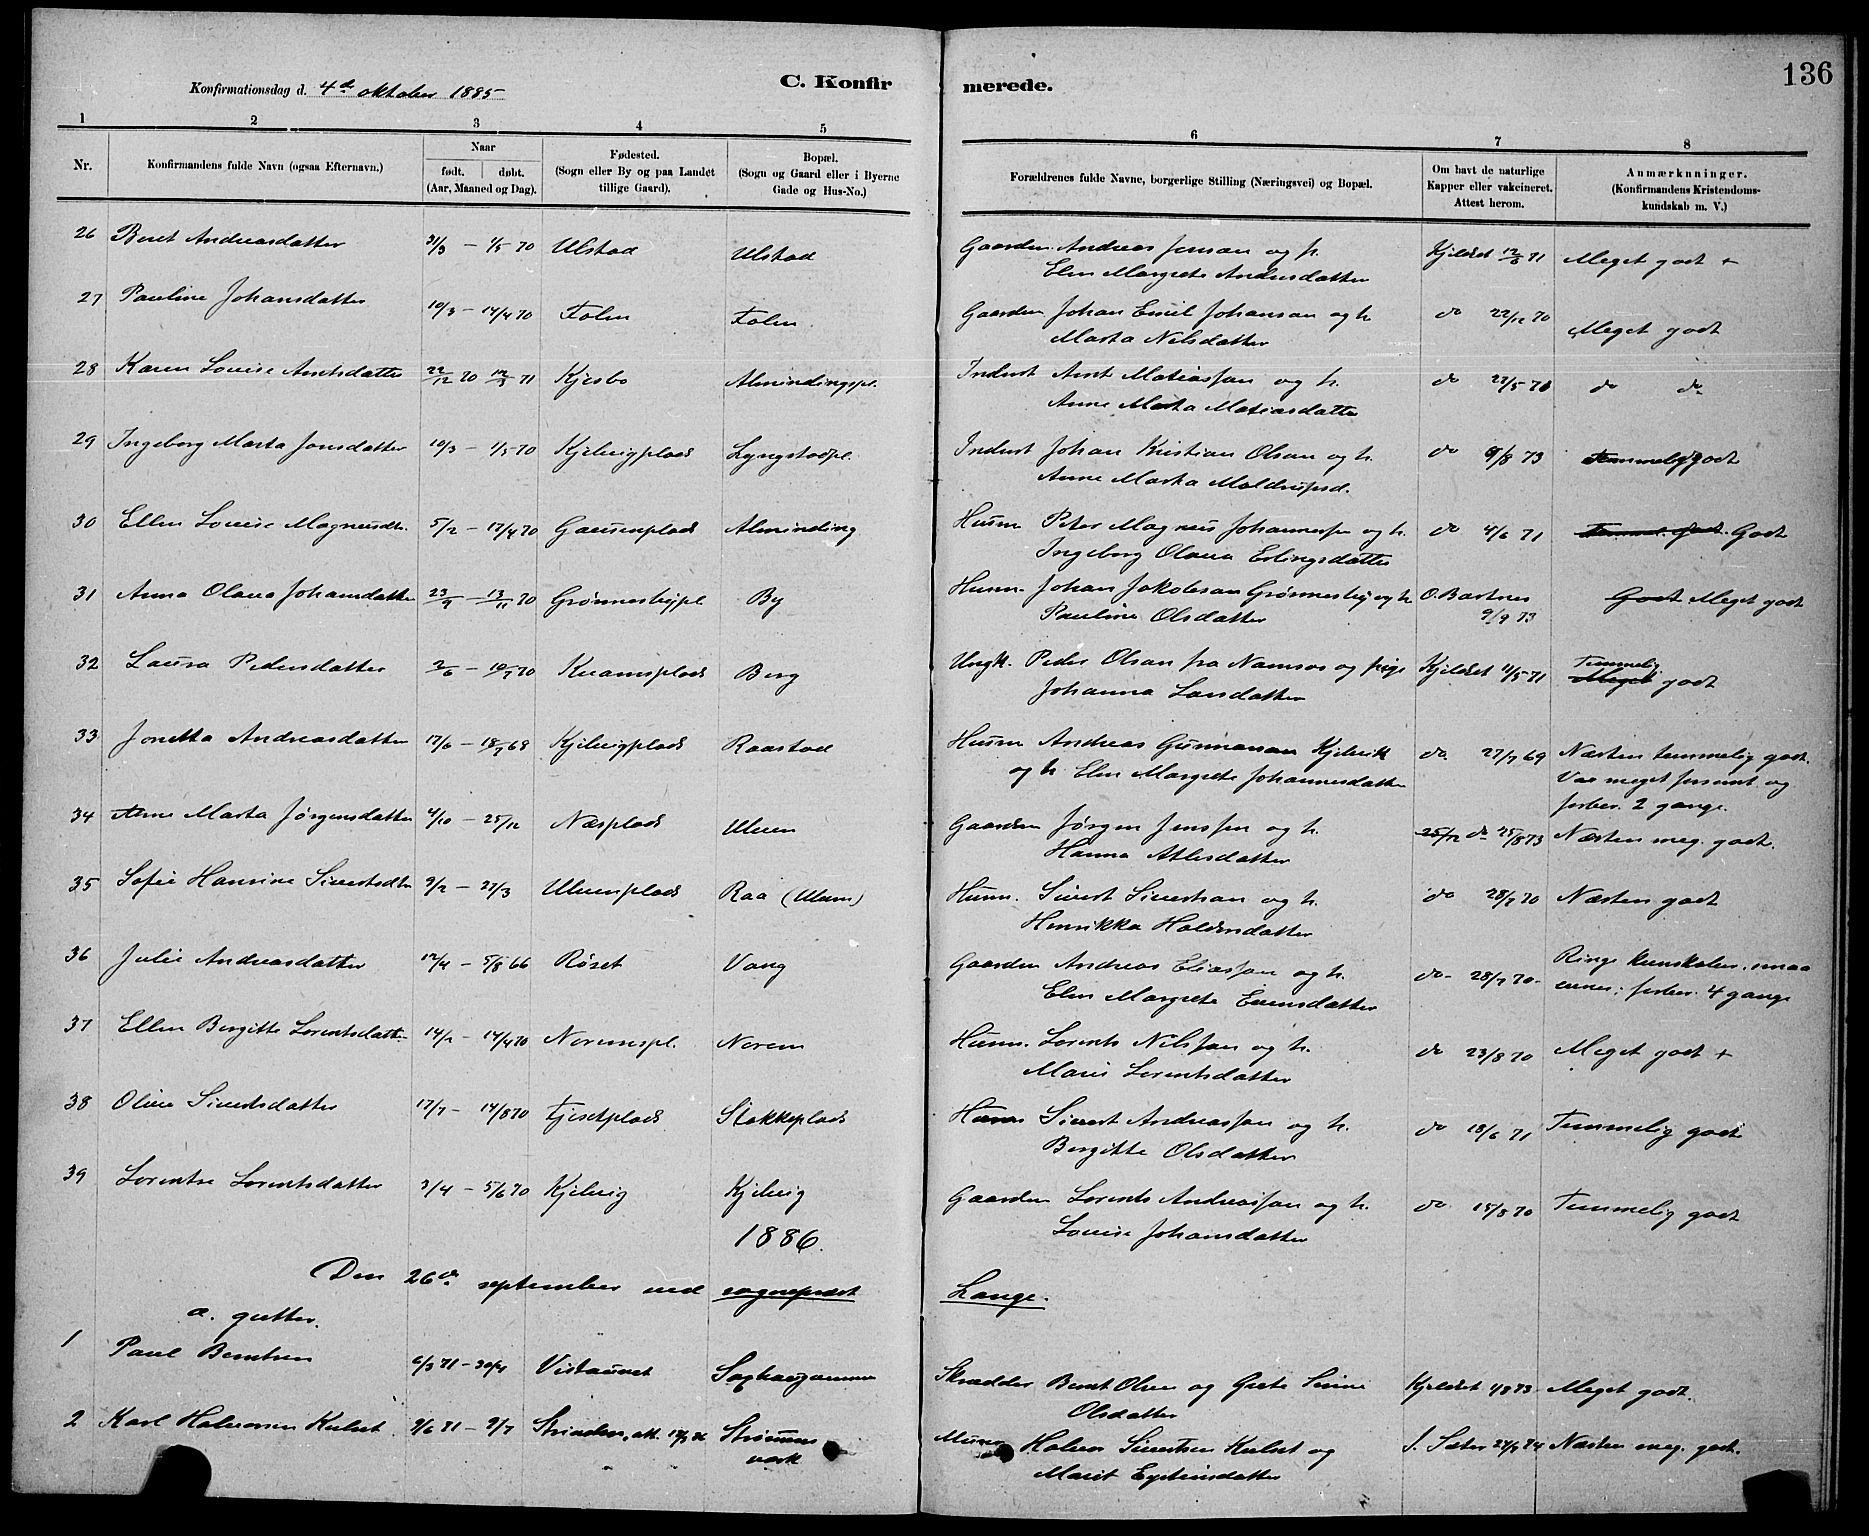 SAT, Ministerialprotokoller, klokkerbøker og fødselsregistre - Nord-Trøndelag, 730/L0301: Klokkerbok nr. 730C04, 1880-1897, s. 136